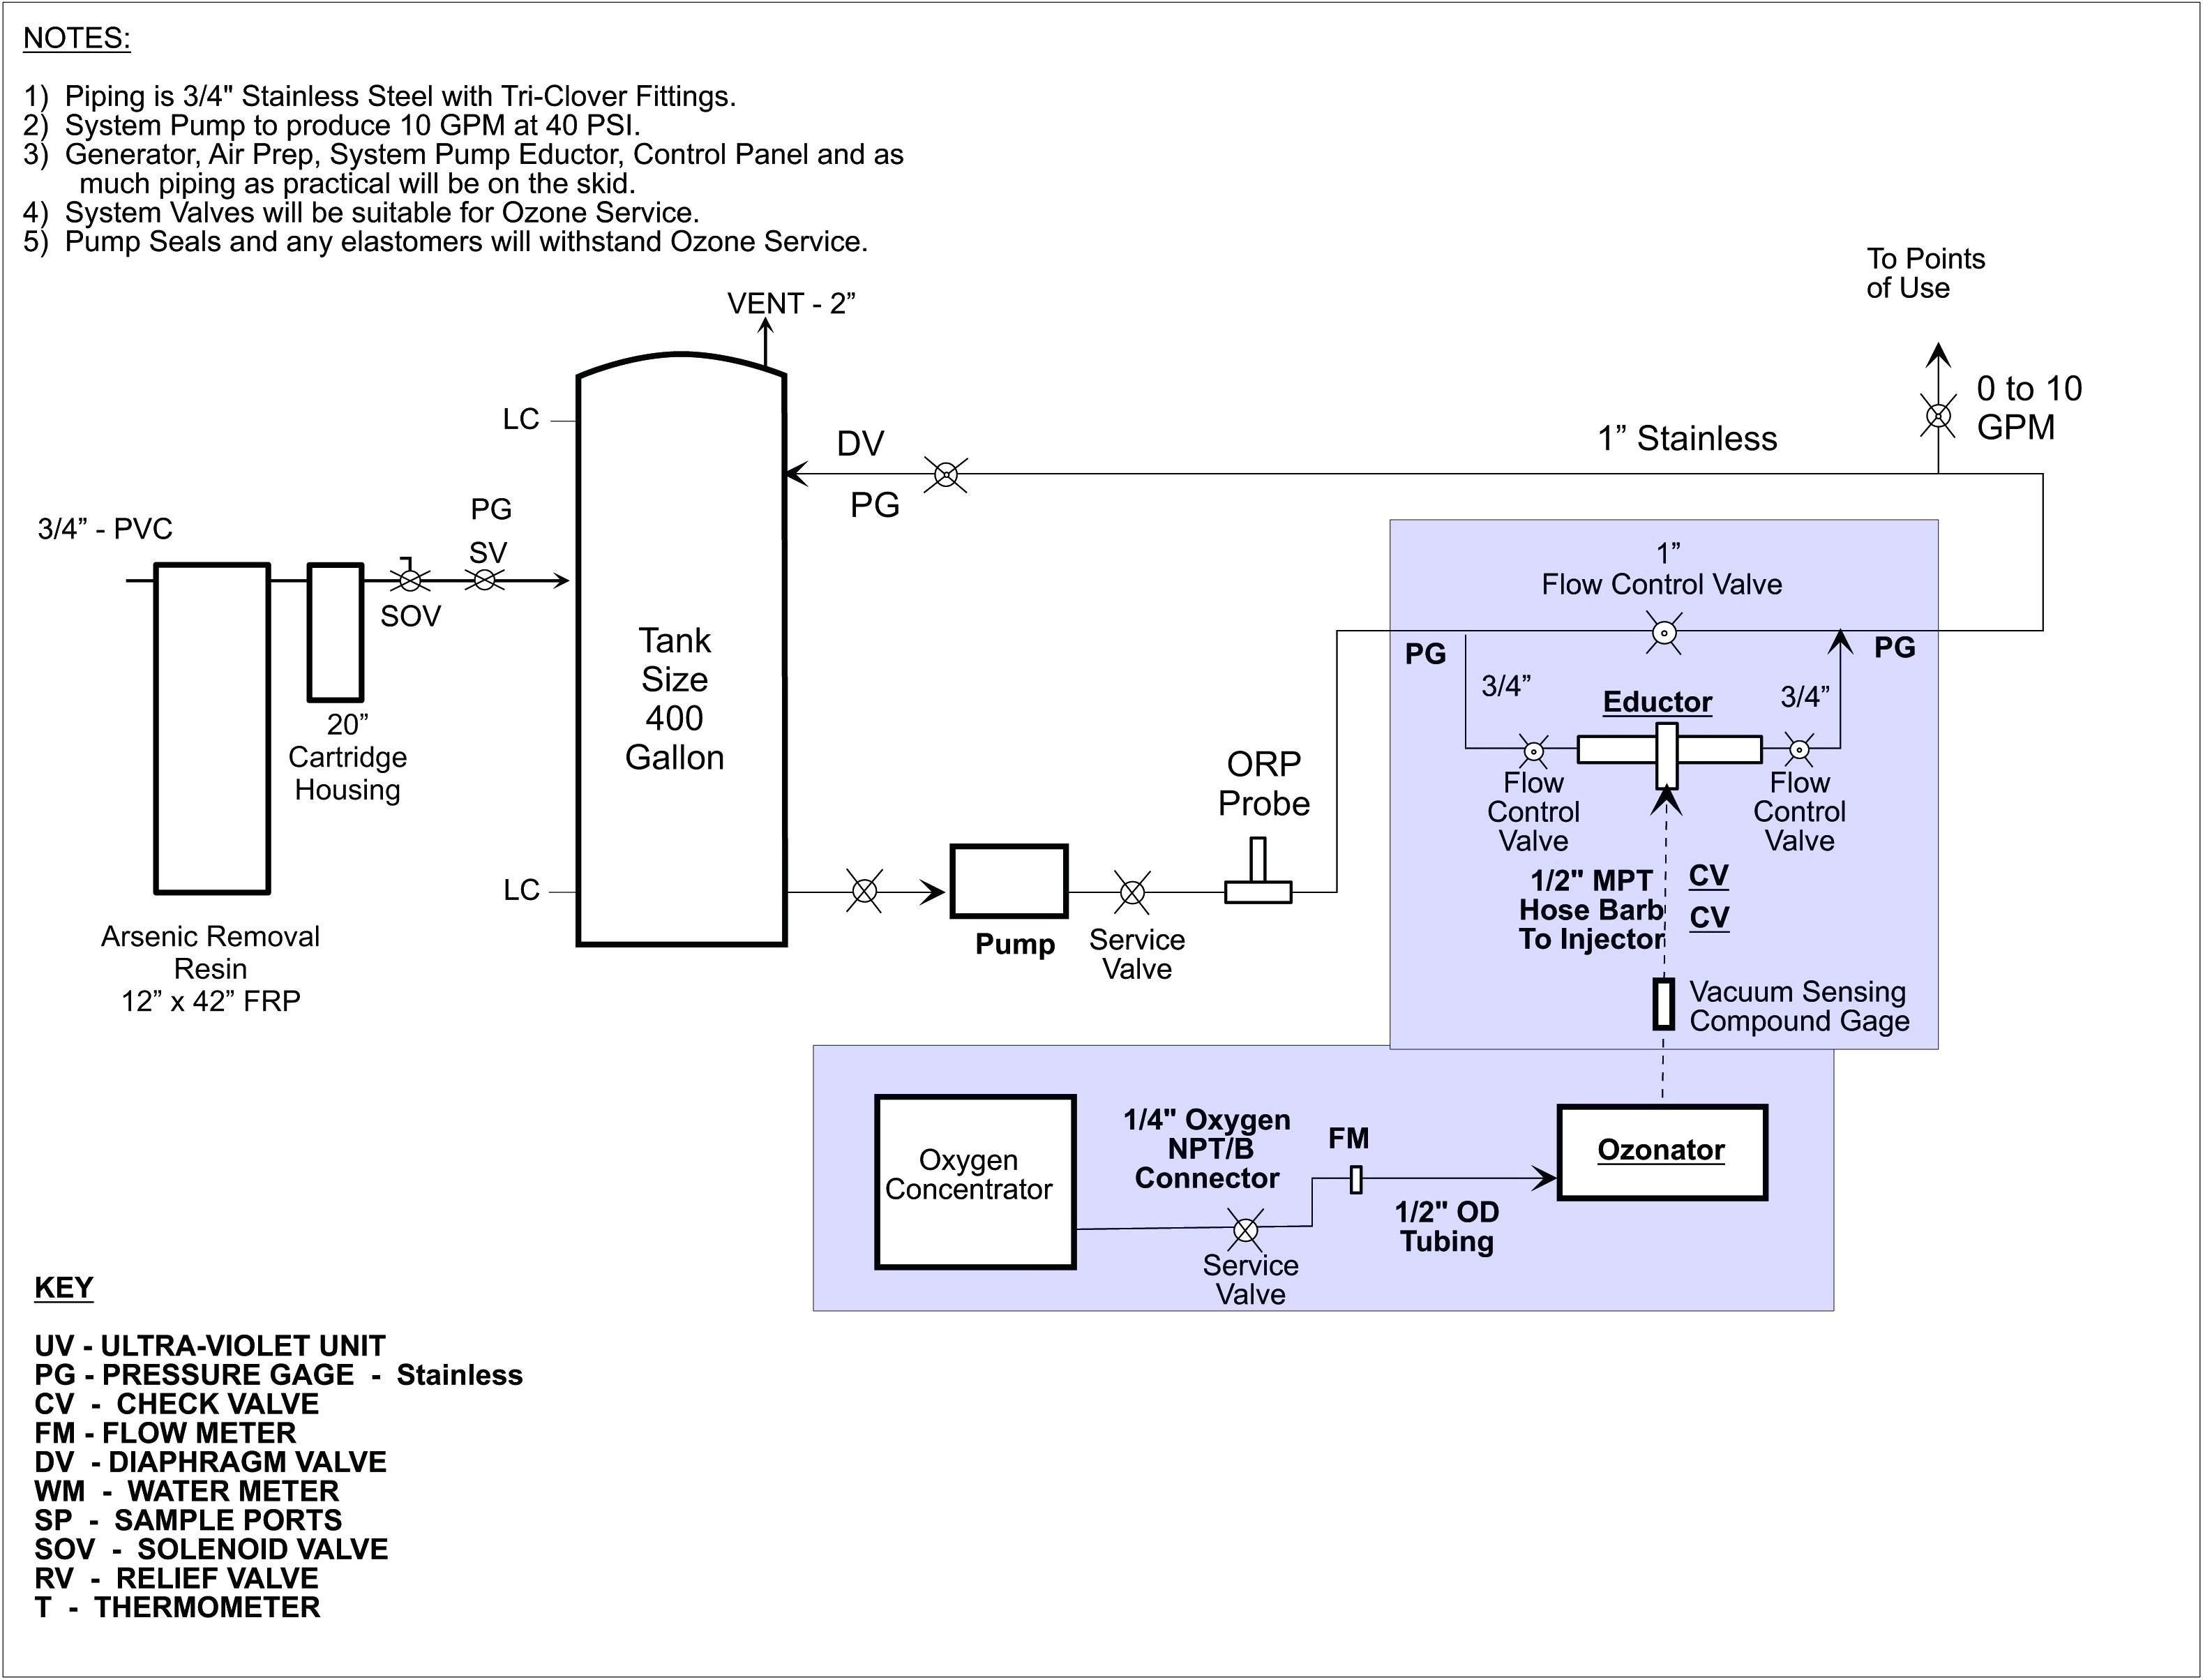 fuel pump wiring diagram best of wire diagram fuel pump relay electrical wiring diagrams collection of fuel pump wiring diagram jpg